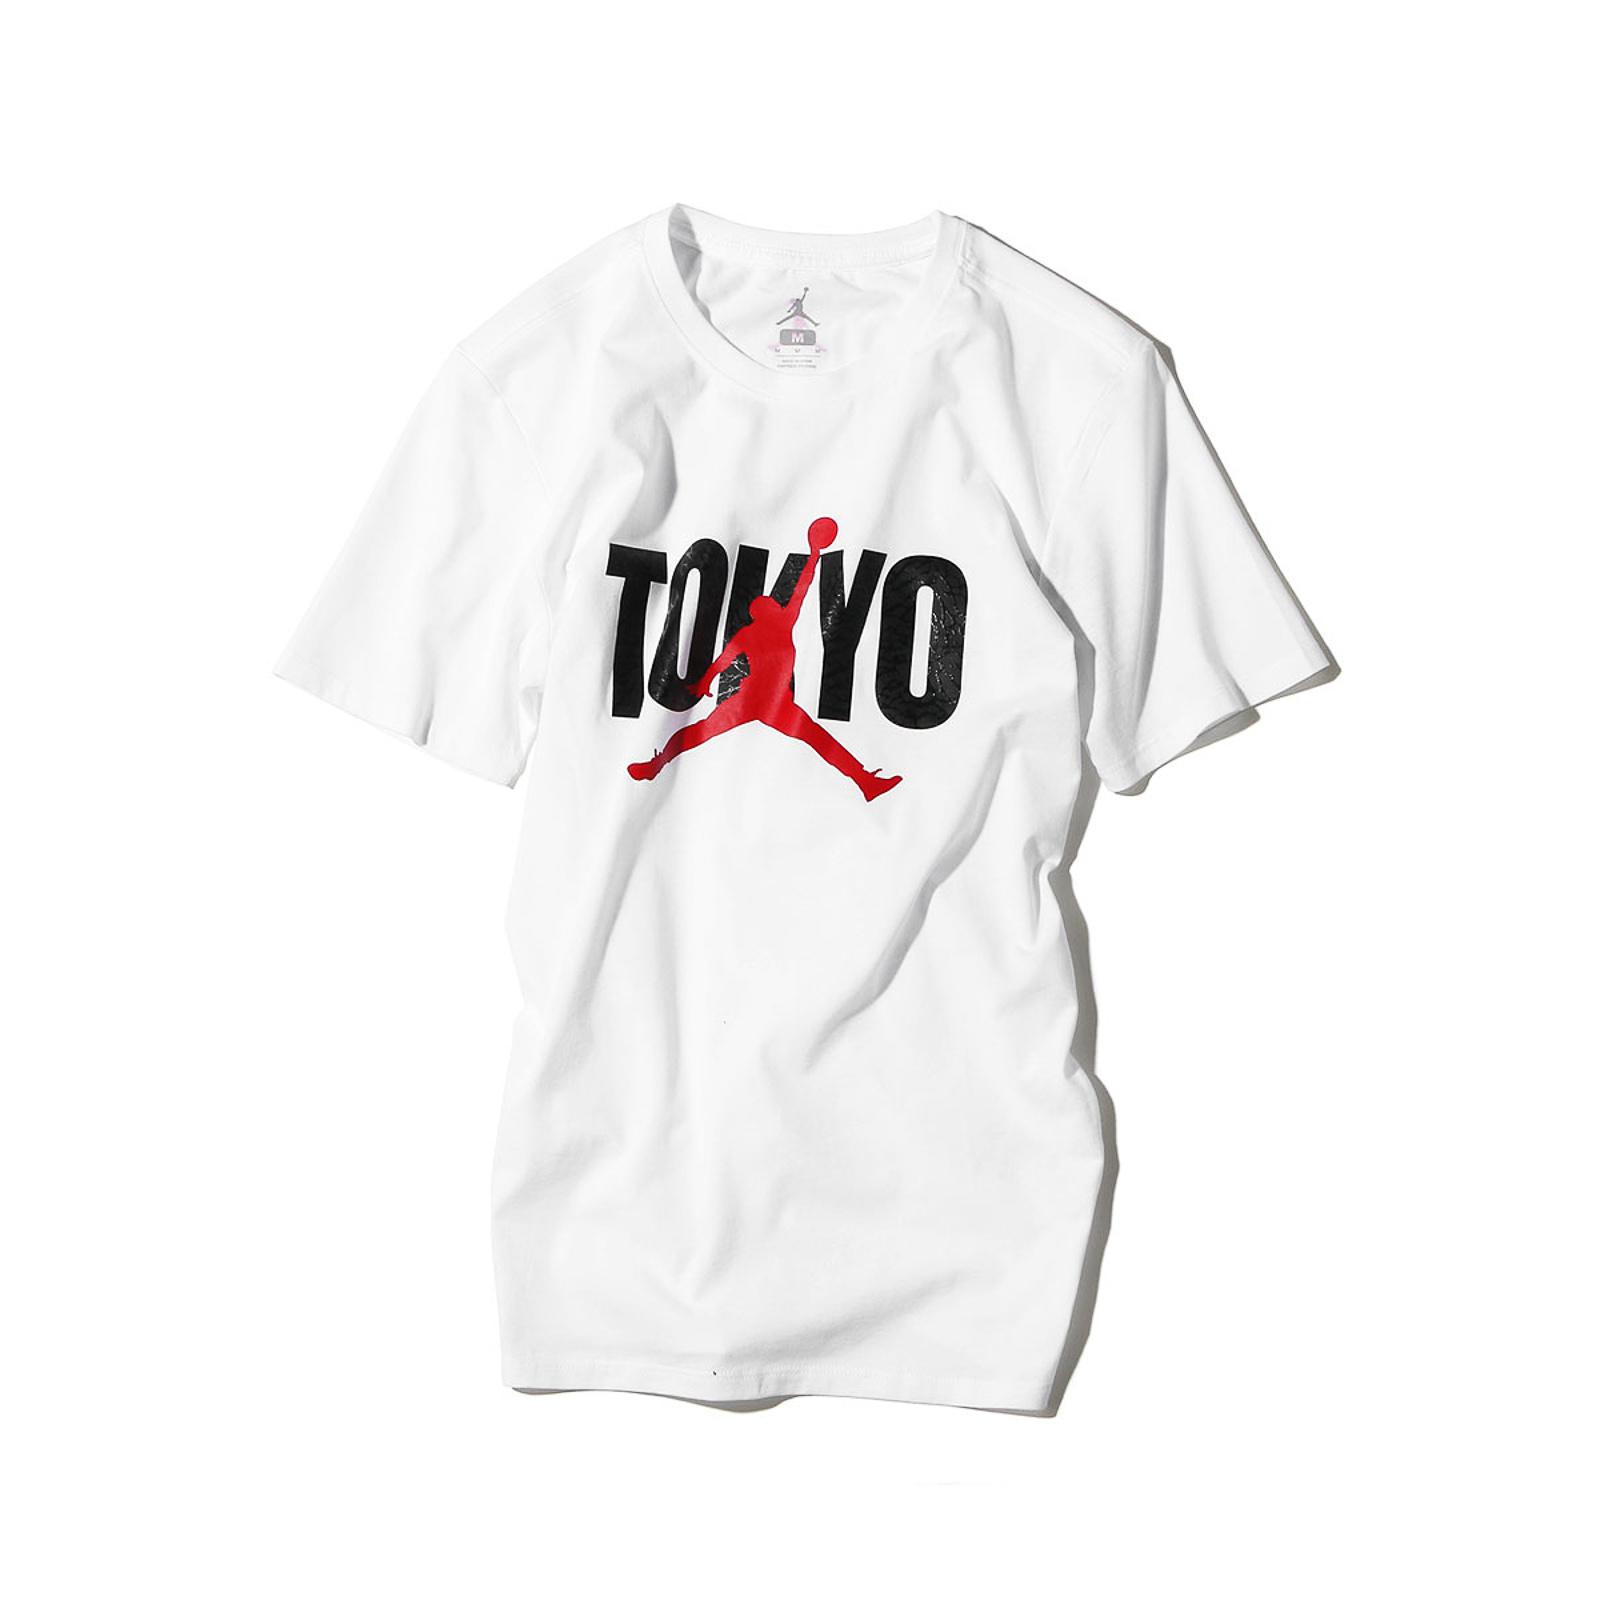 JORDAN_BRAND_TOKYO_TEE_0003_Flymag